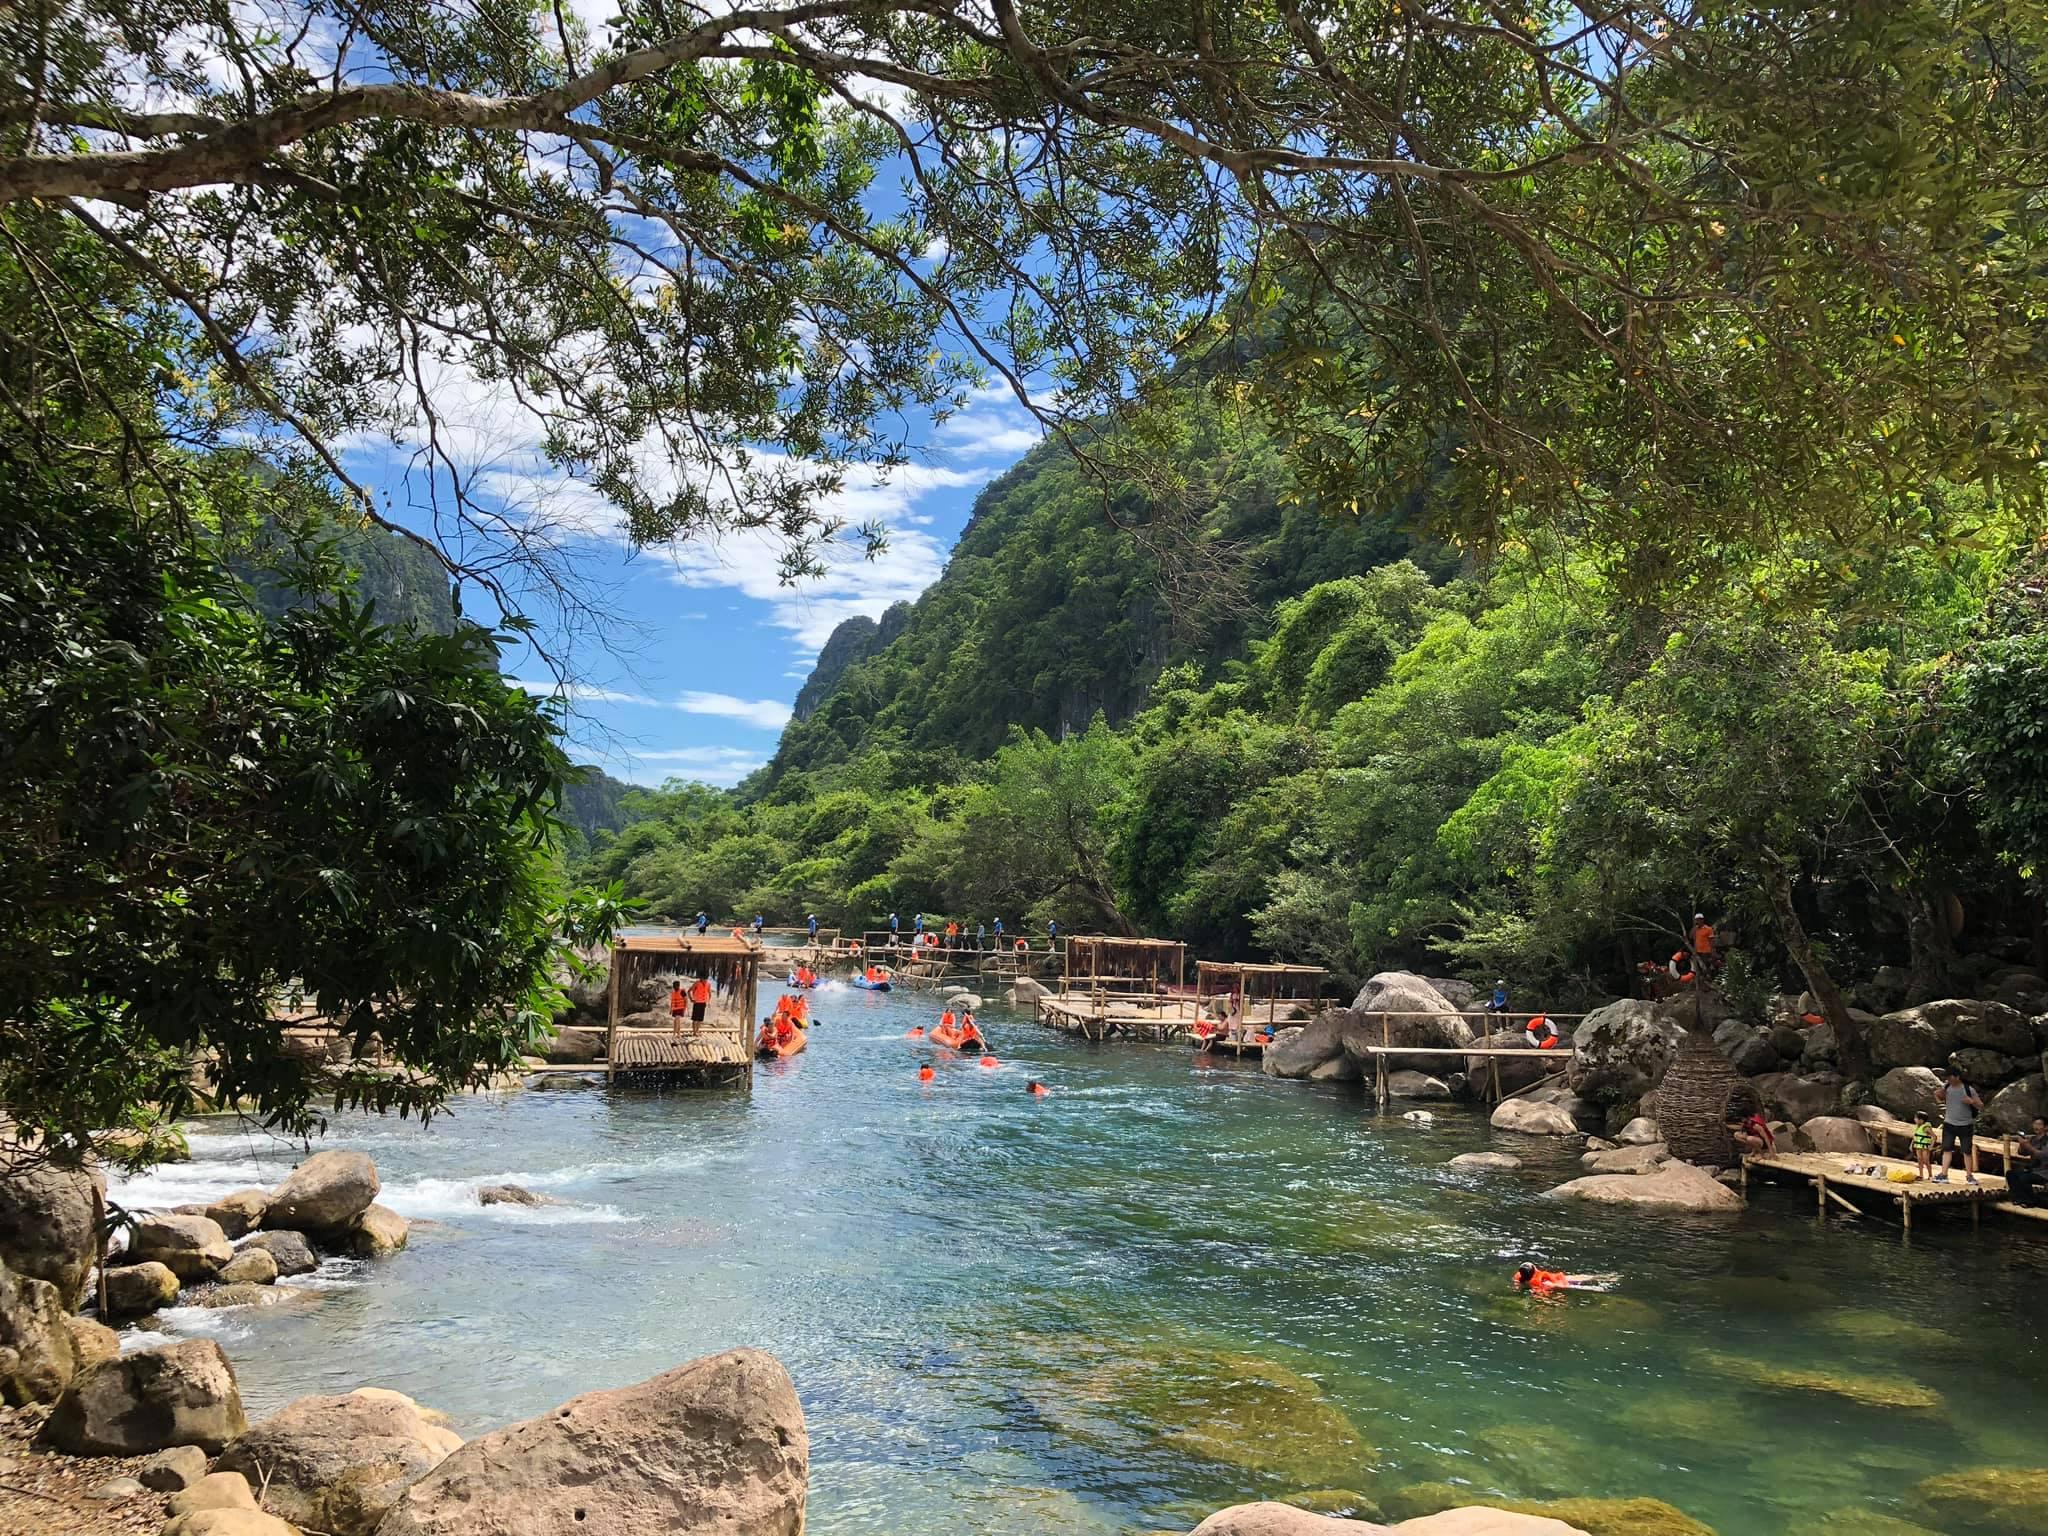 Hình ảnh vườn quốc gia Phong Nha Kẻ Bàng